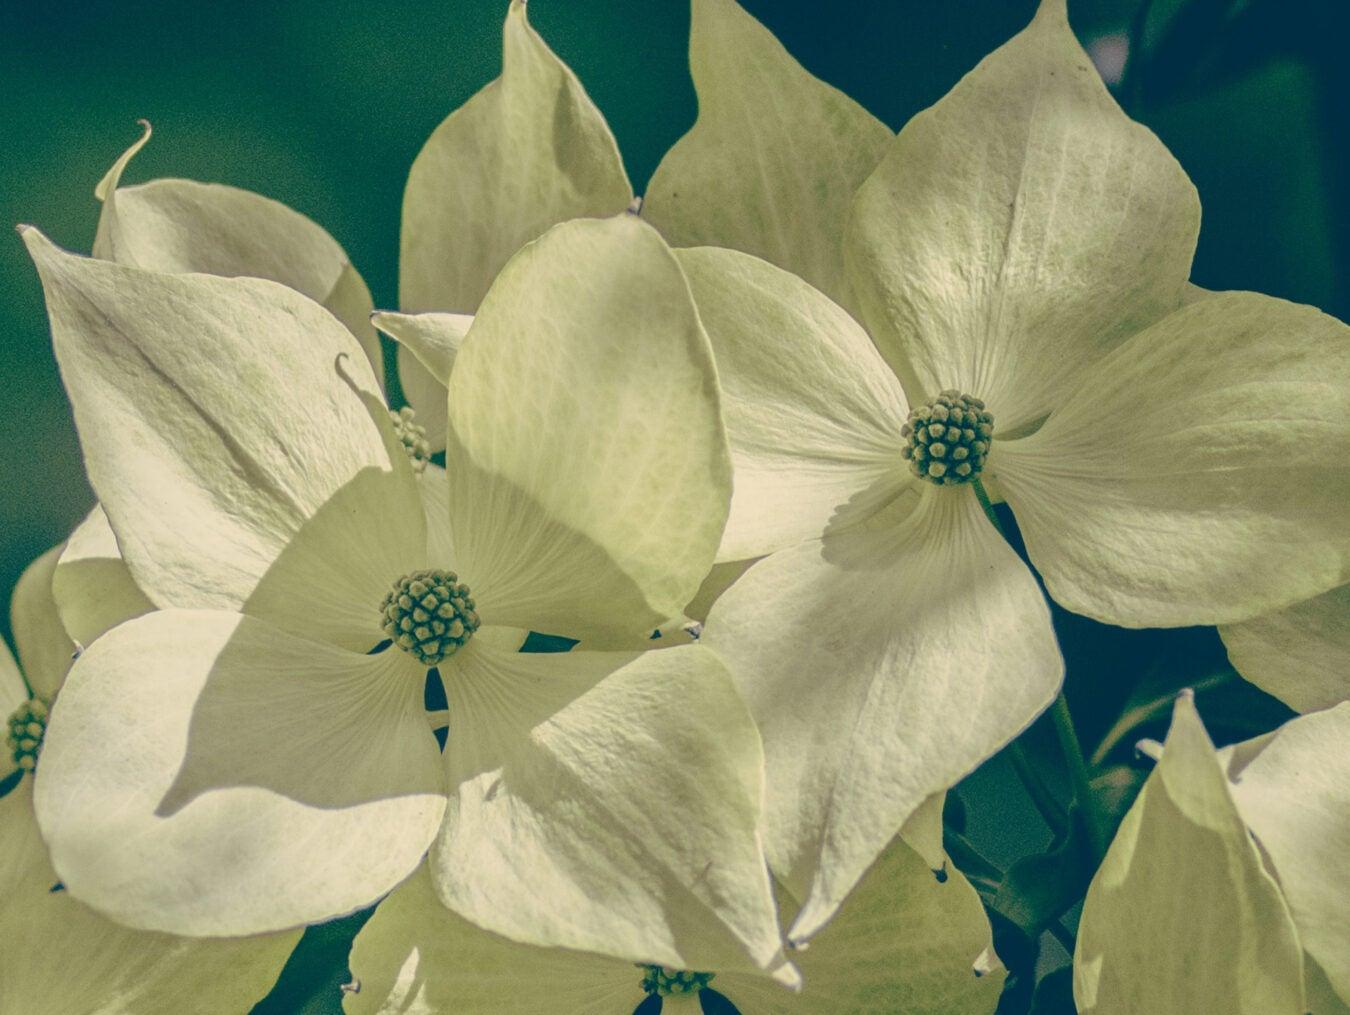 Kousa flower close-up.